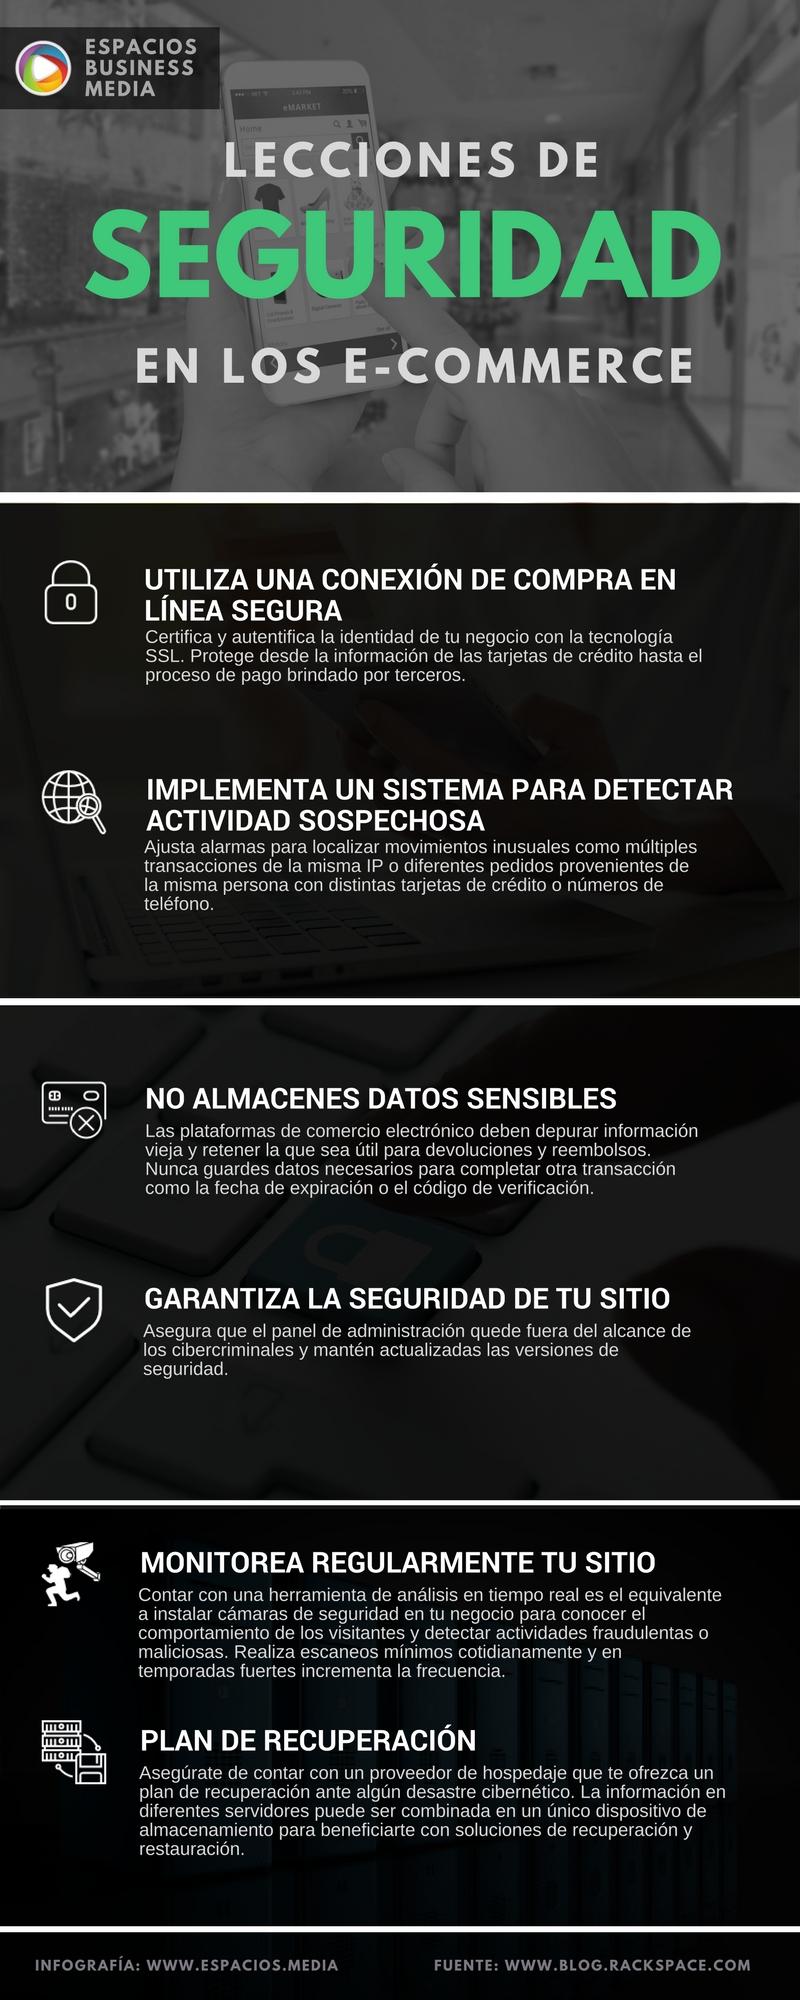 consejos-de-seguridad-ciberseguridad-para-ecommerce-como-proteger-los-datos-de-mis-clientes-en-mi-comercio-electronico